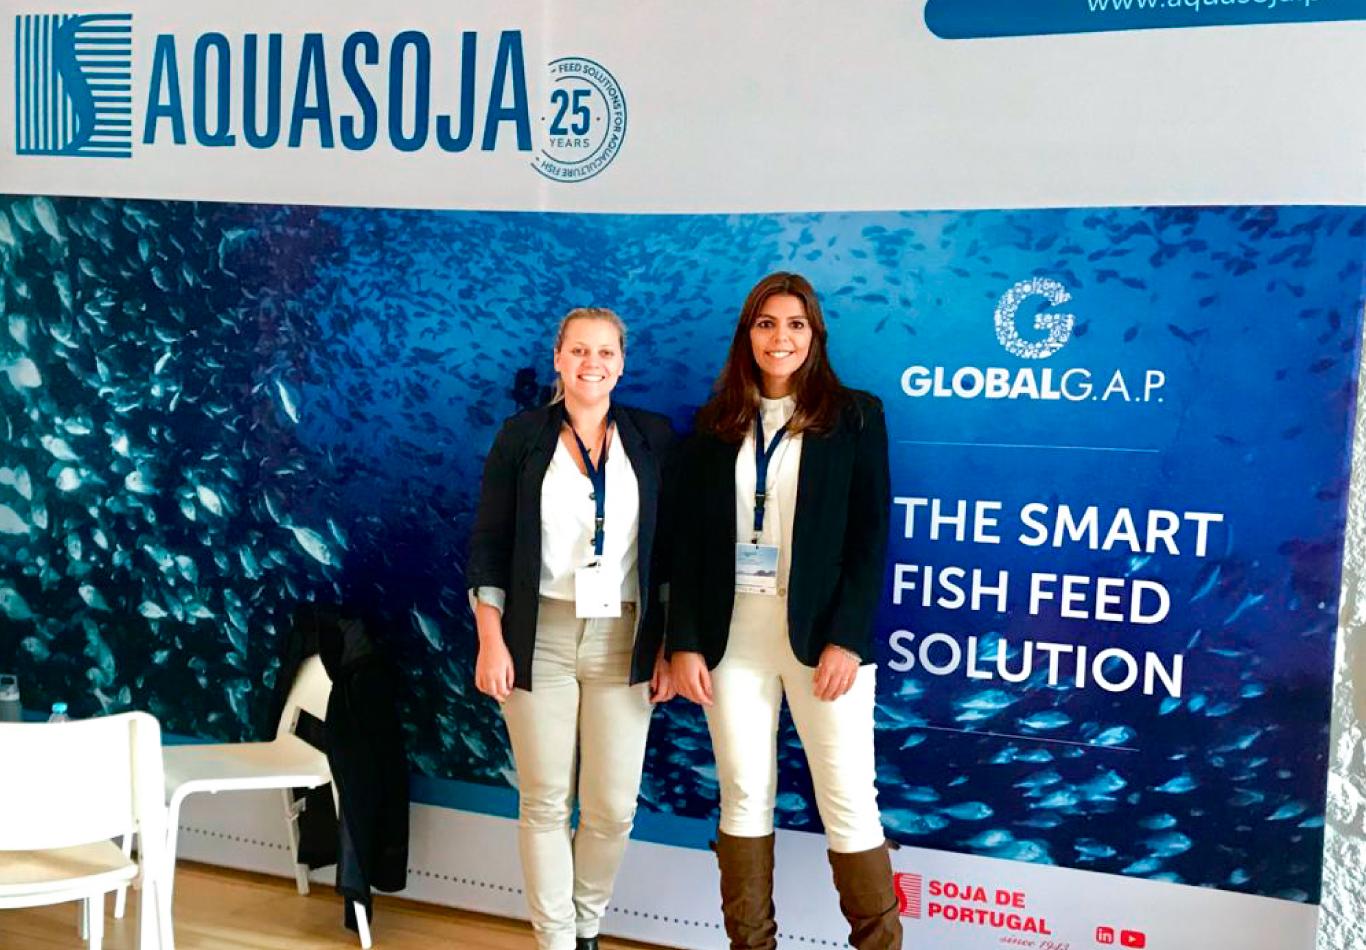 Aquasoja empenhada na proteção da vida marinha